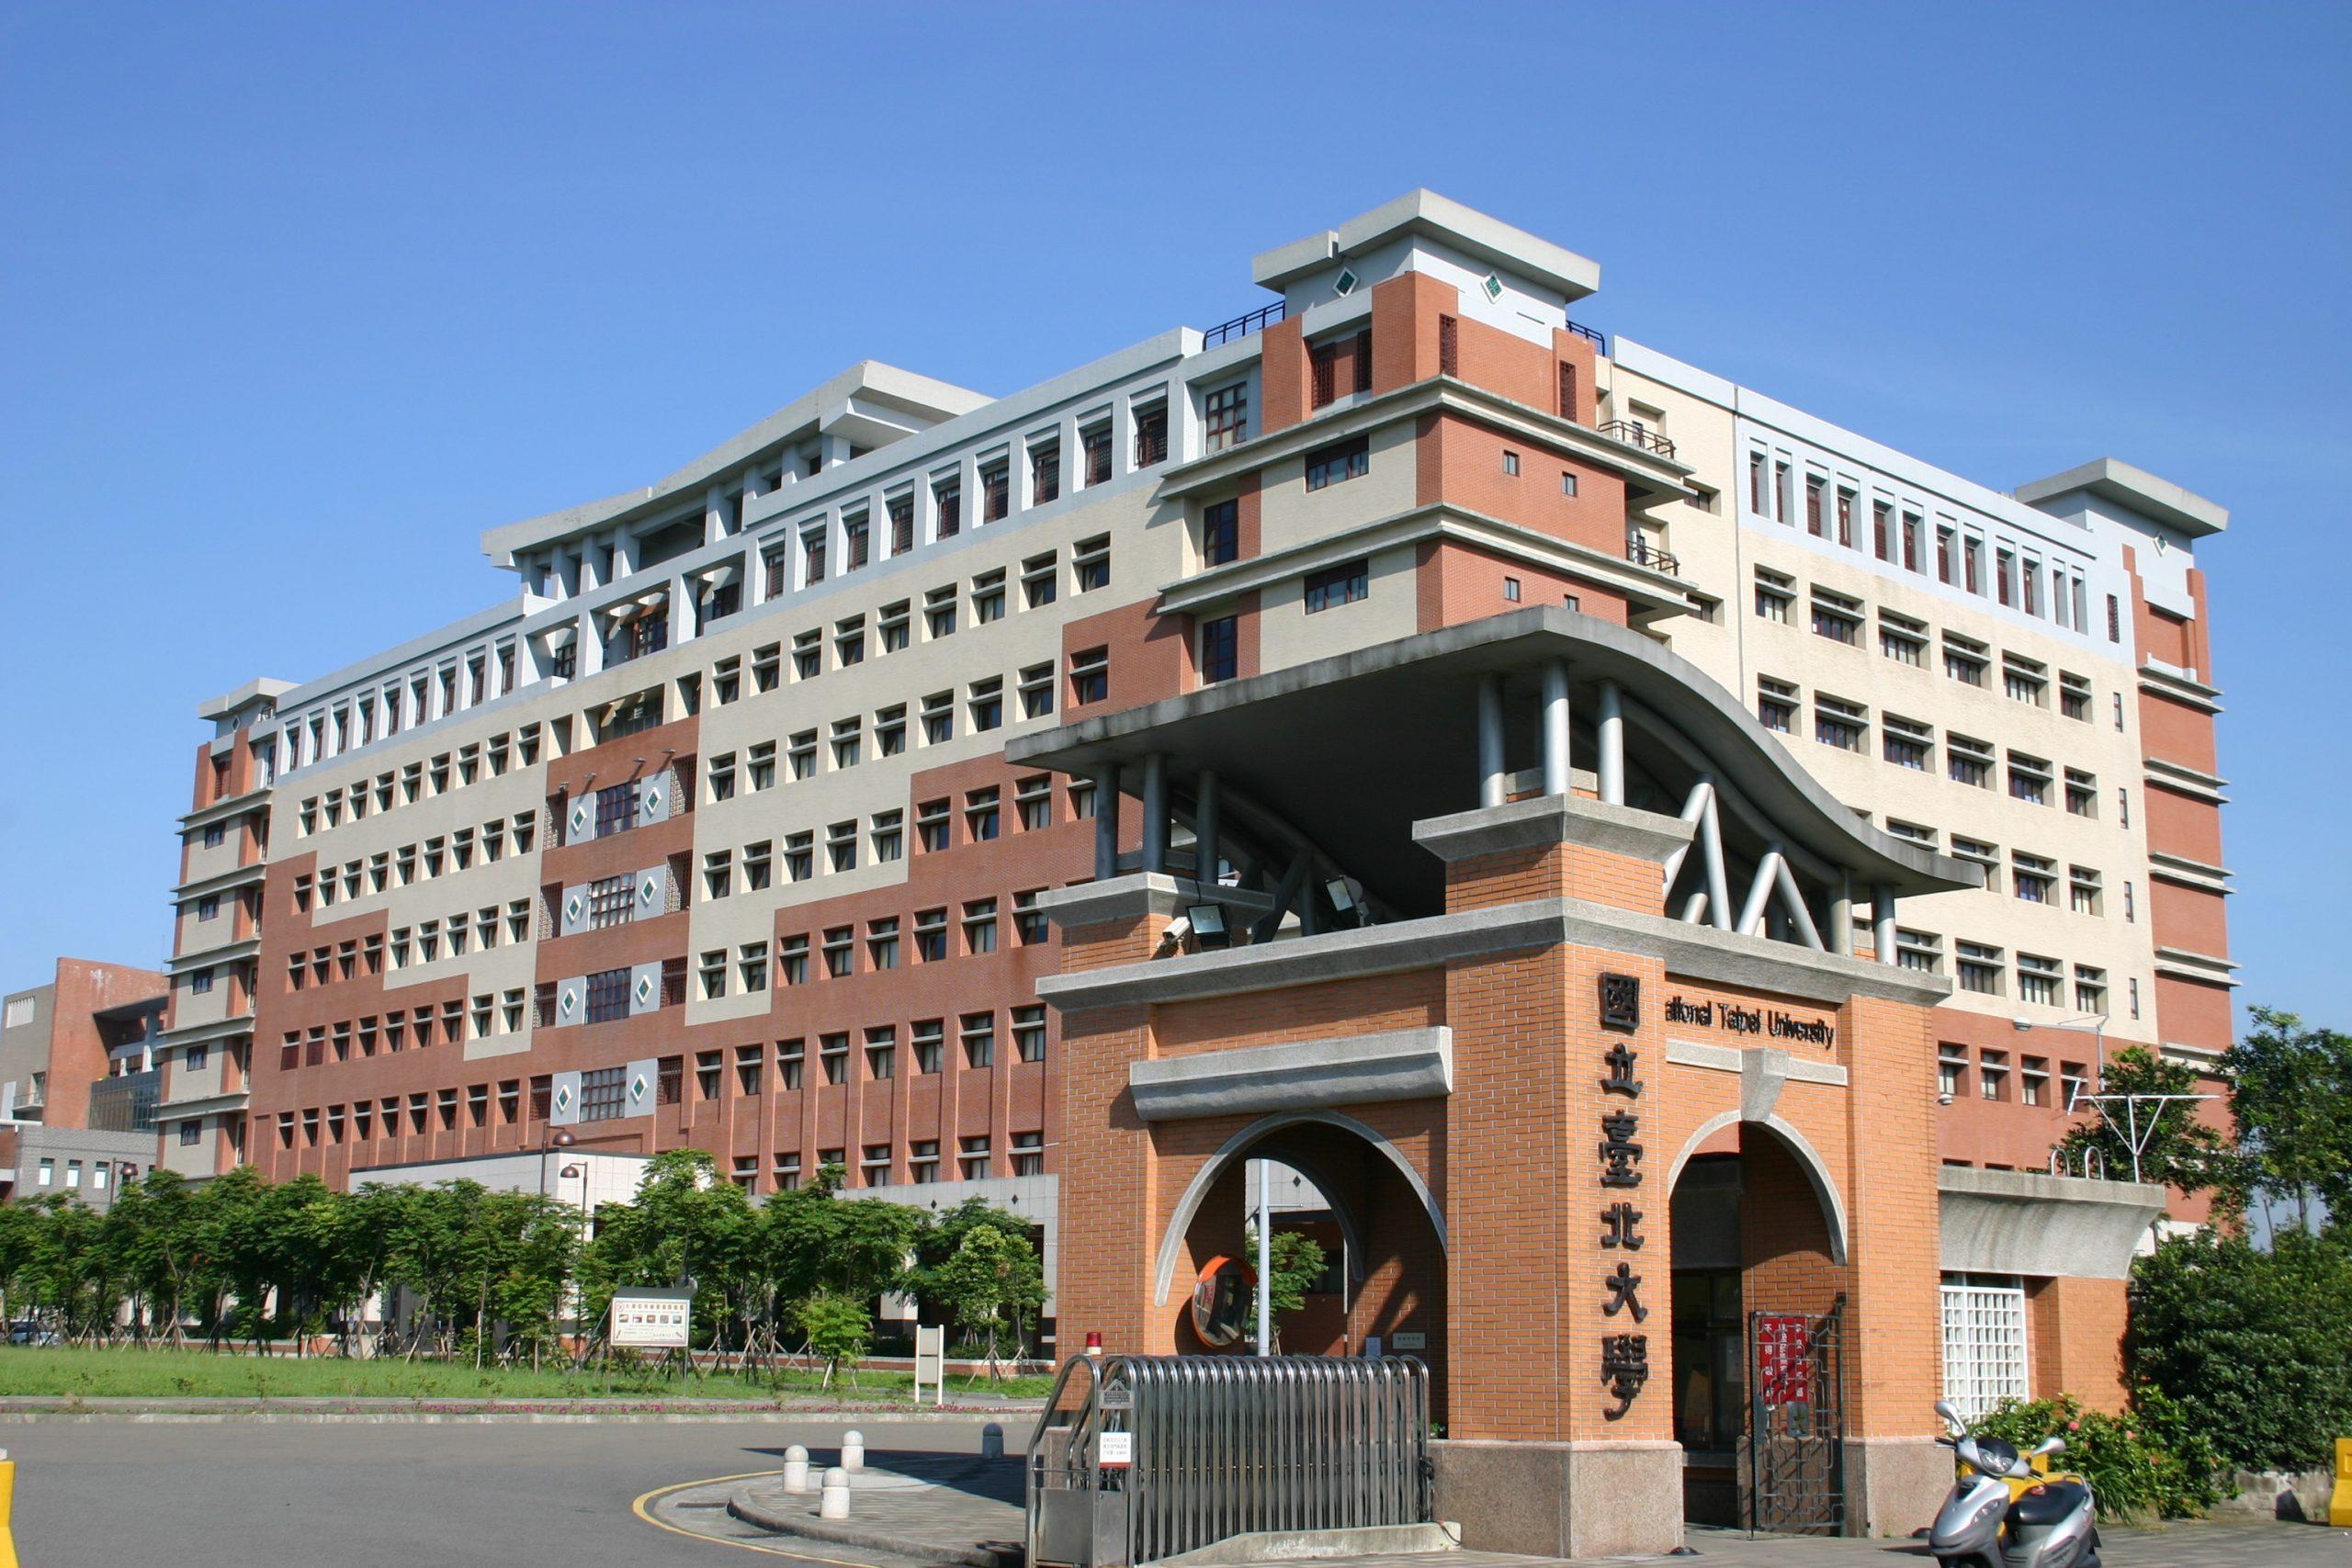 【查忻】早期台灣的歷史與文化